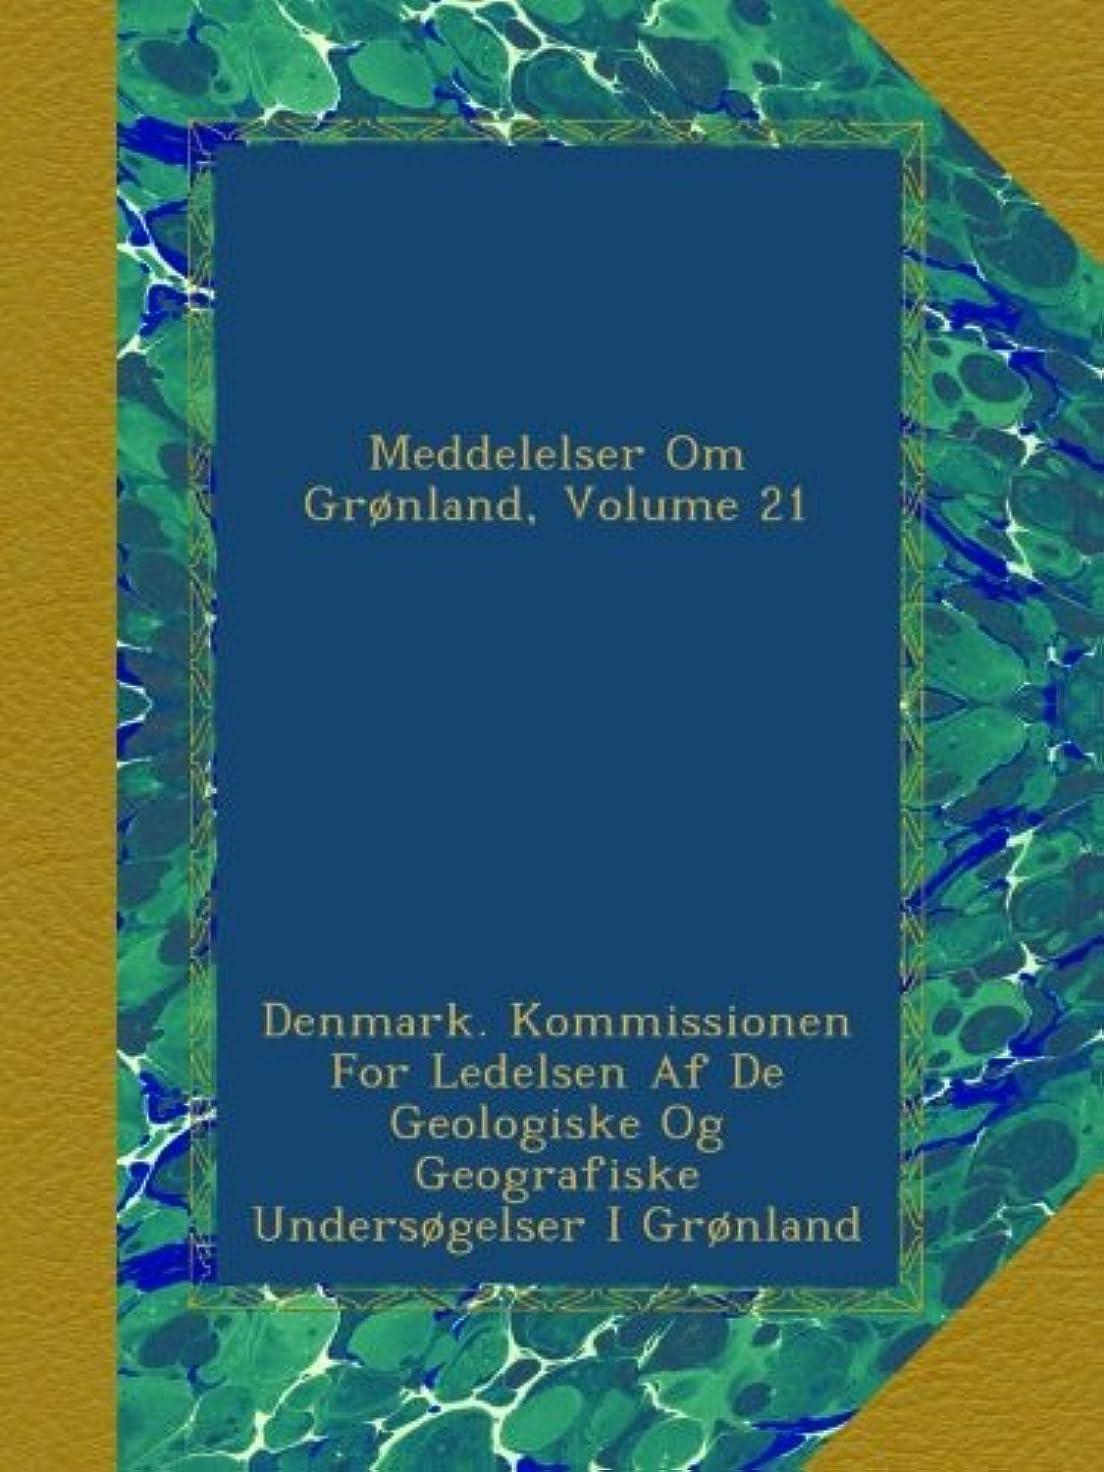 膜クモ放射能Meddelelser Om Gr?nland, Volume 21